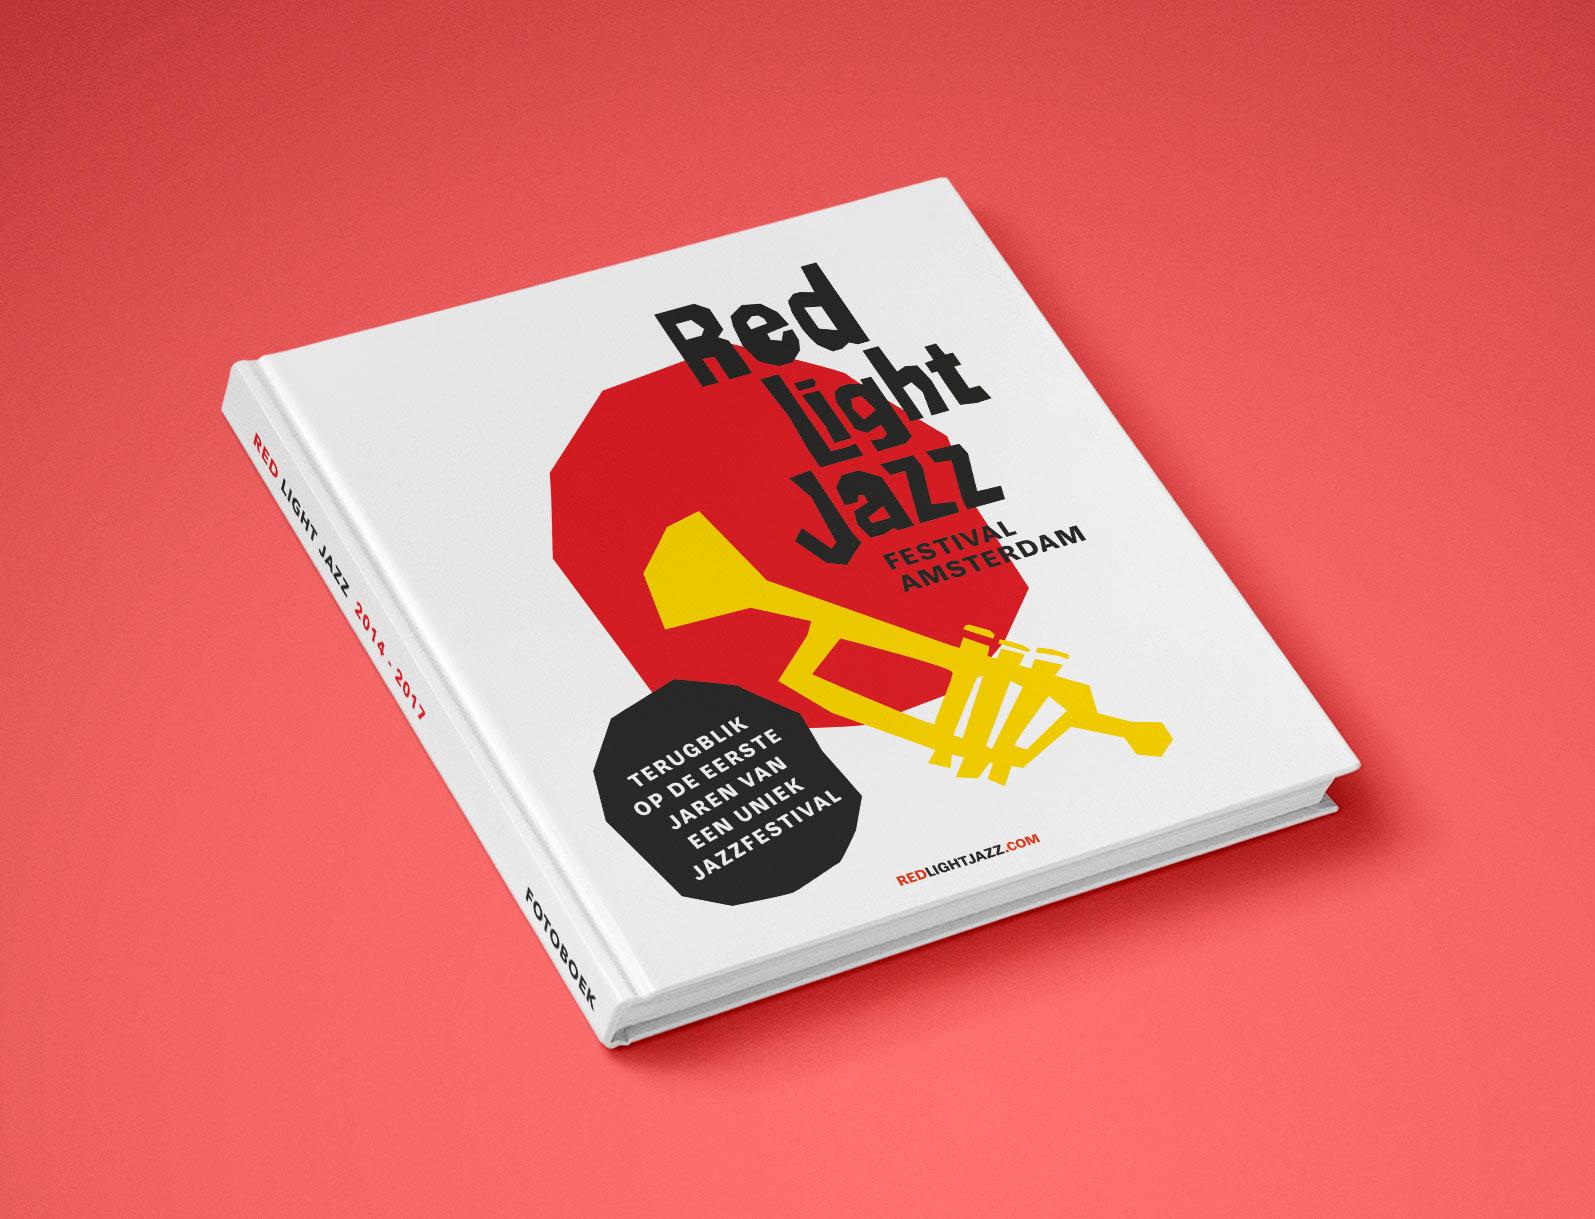 Red Light Jazz festival - Fotoboek